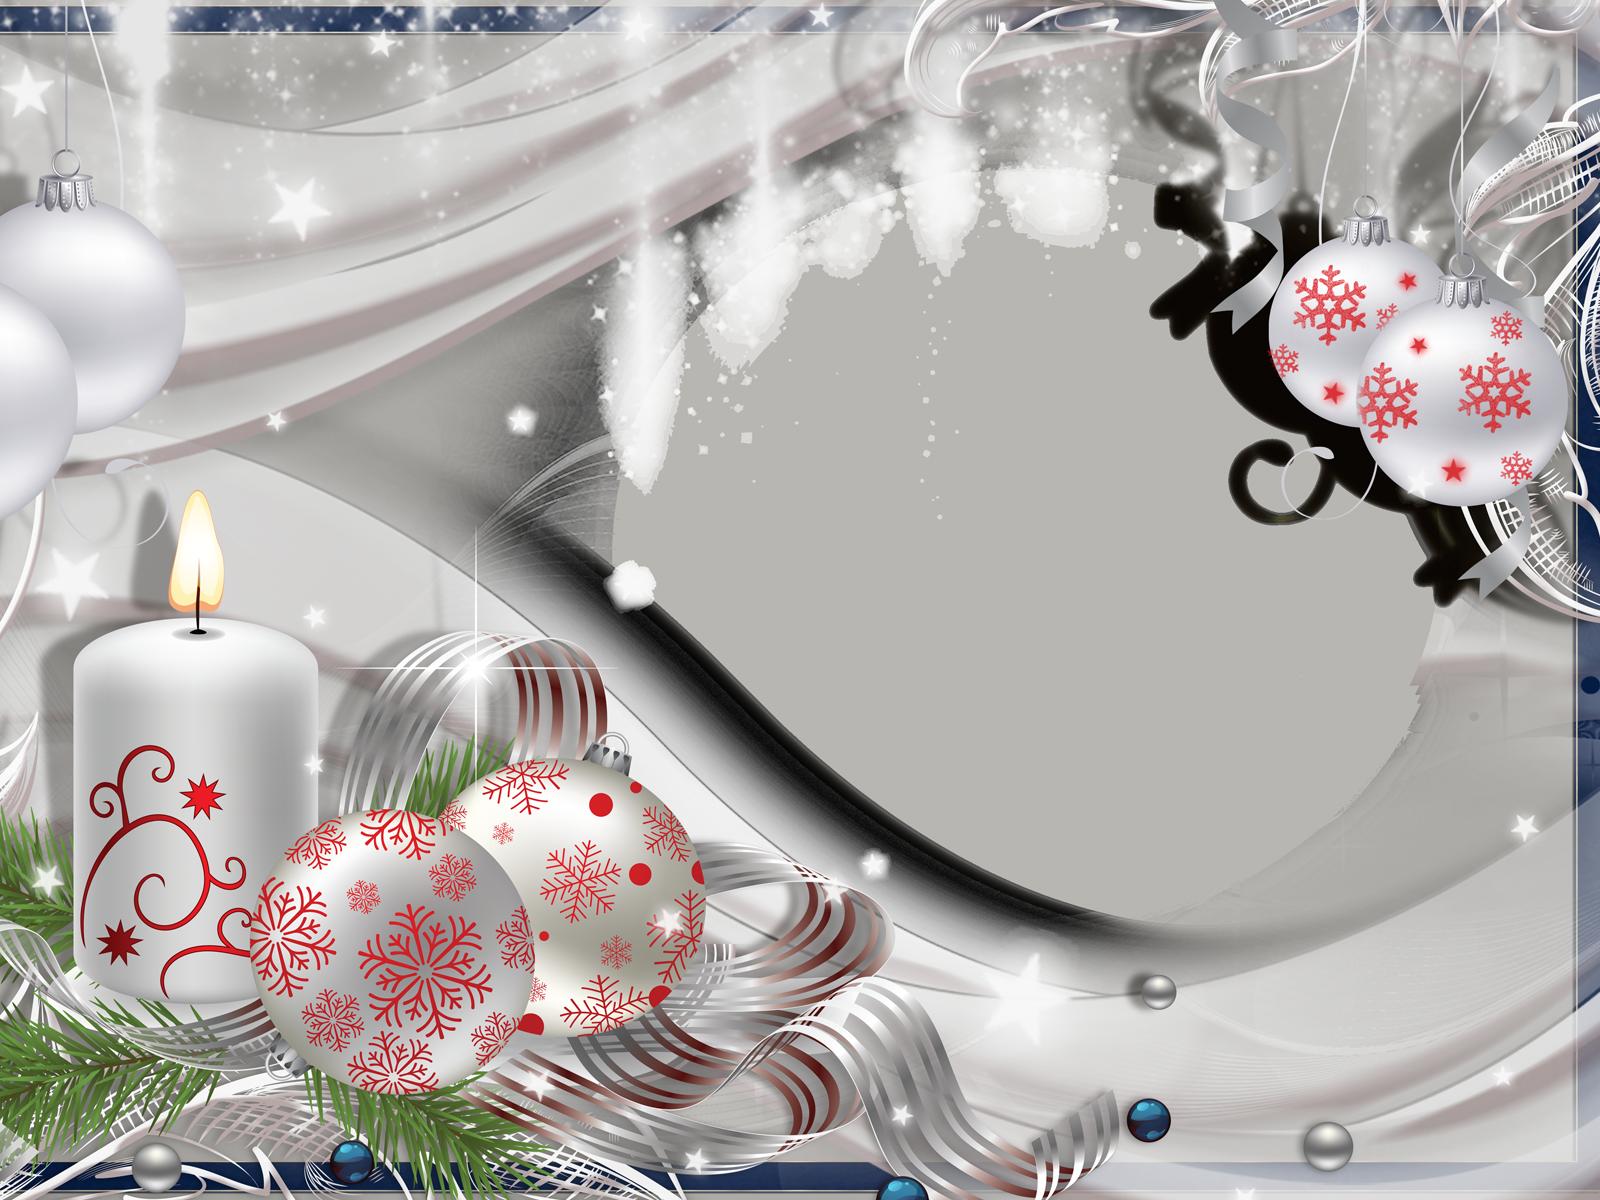 Фоторамка Светлая рамка Фоторамка для фотошопа, PNG шаблон. Рамка с овальным вырезом. Белые игрушки с рисунком снежинок из тончайших красных линий. Горящая свеча.